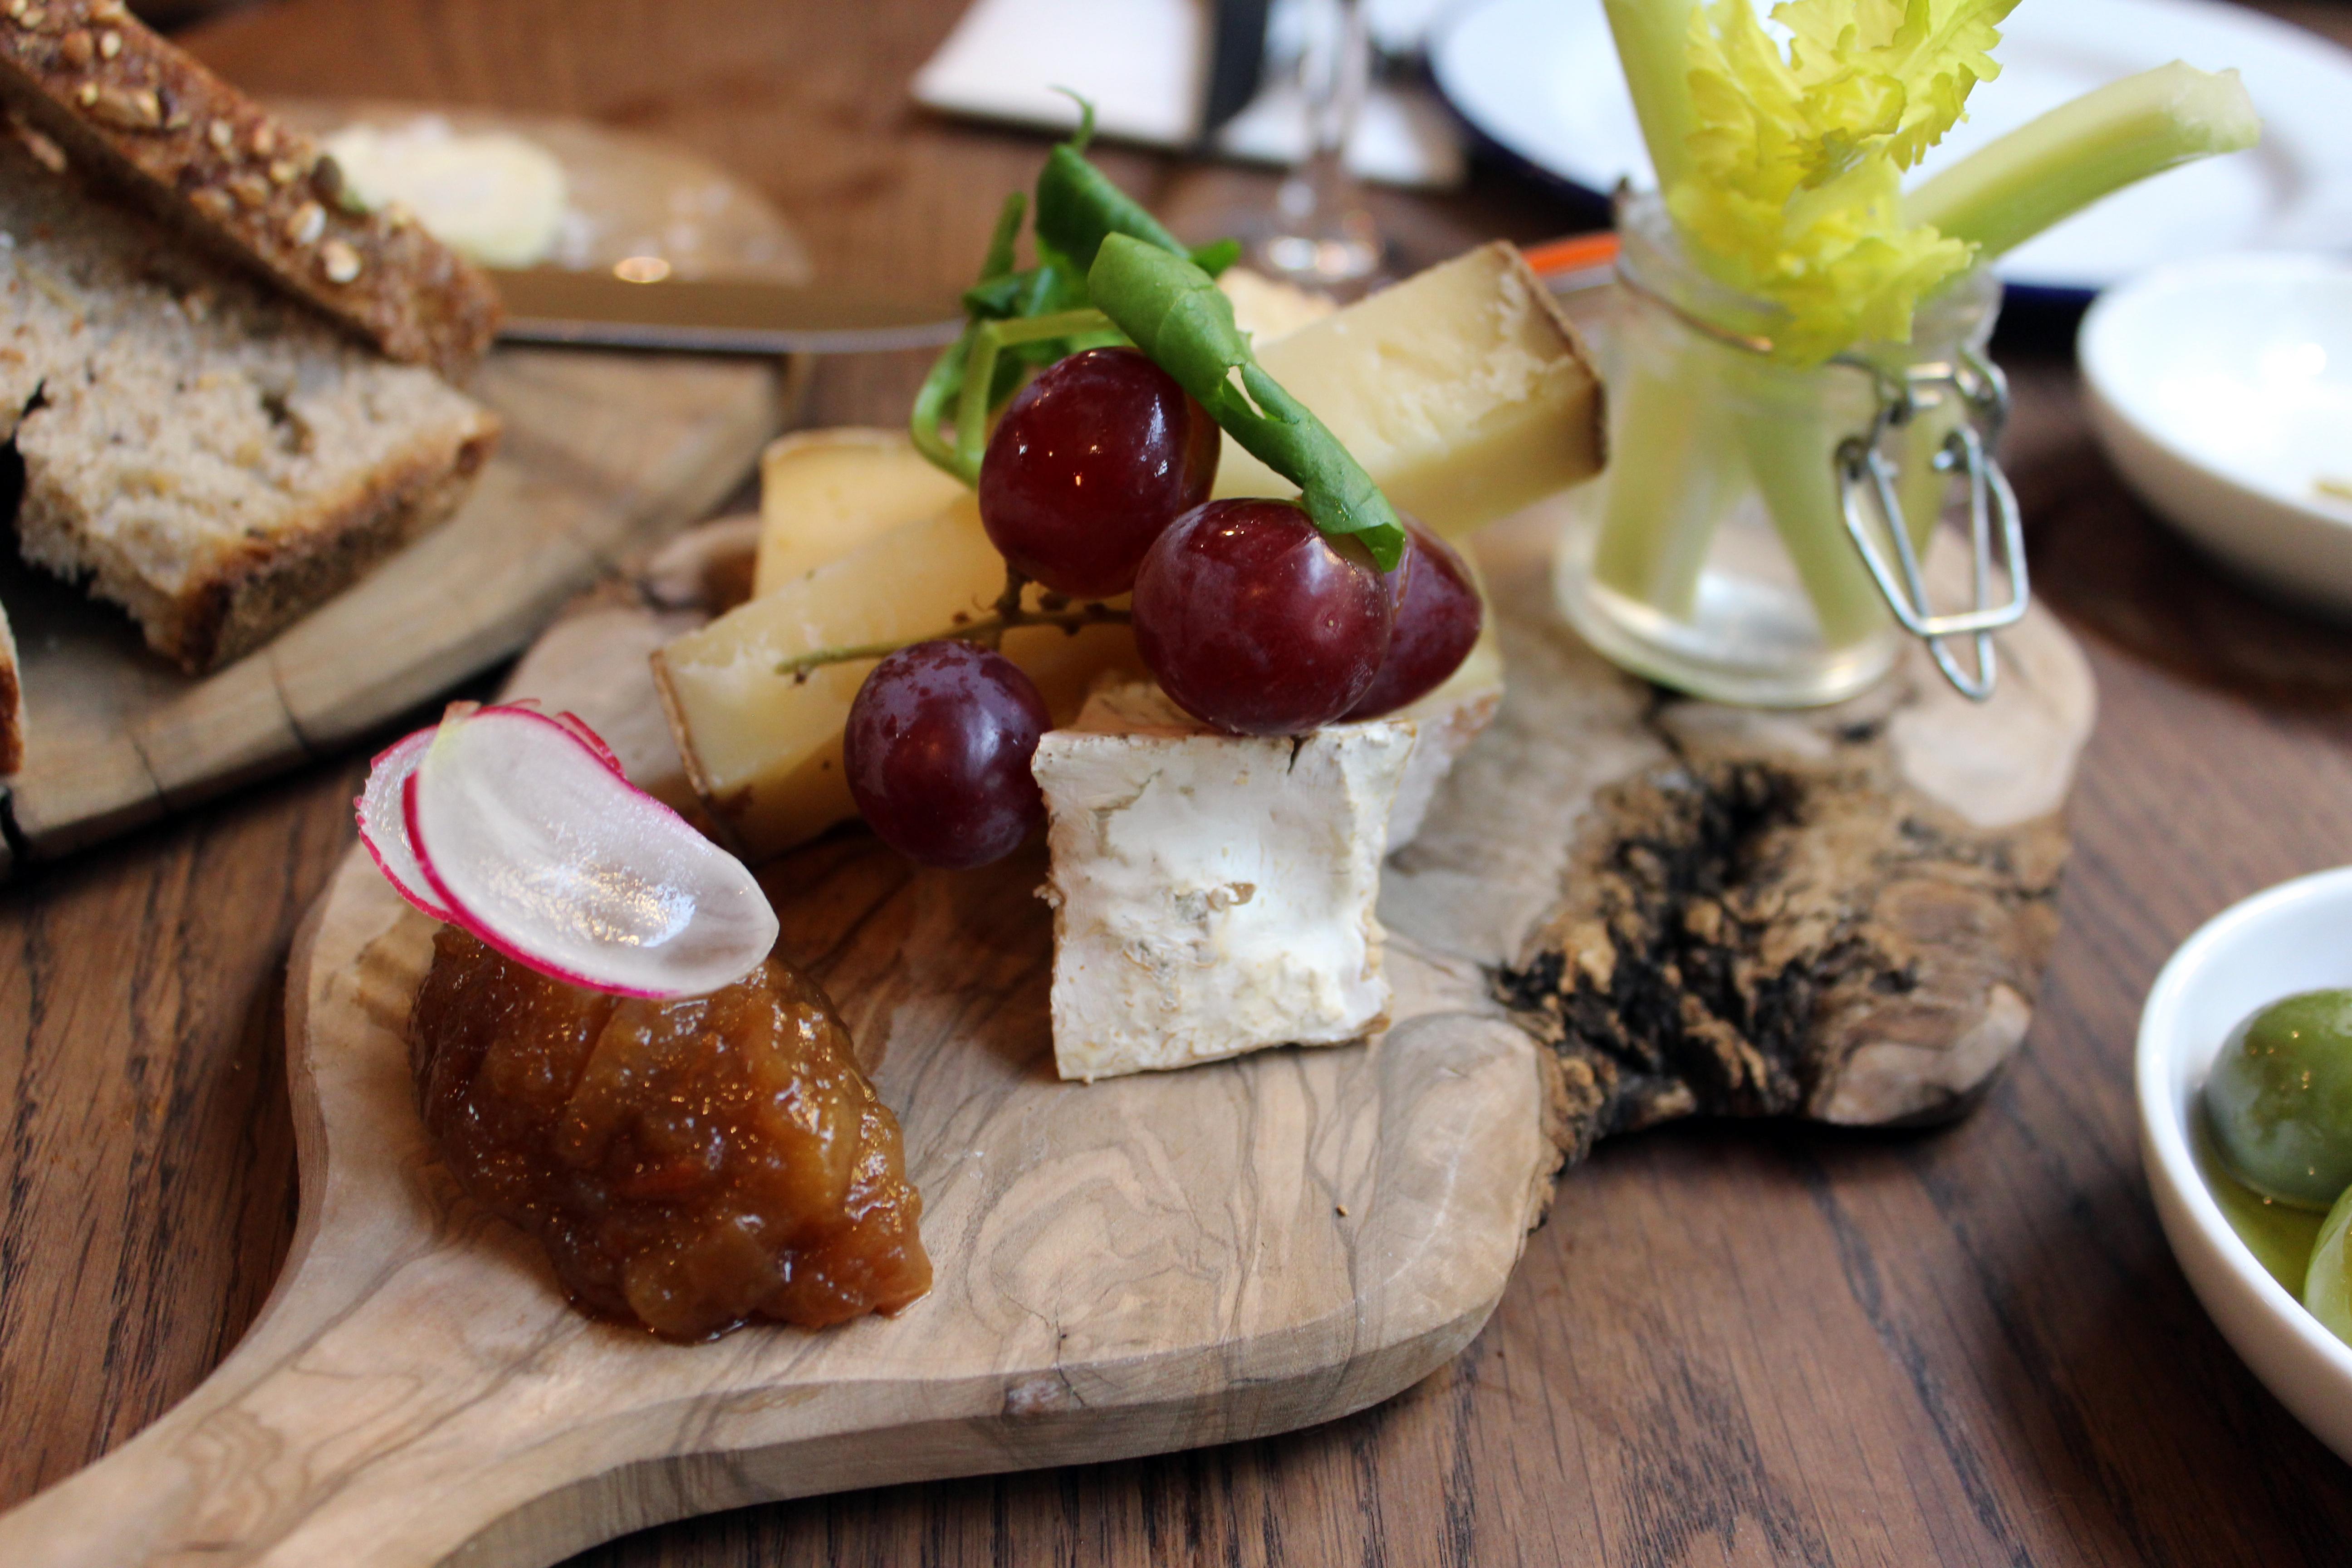 Bordelaise cheese board